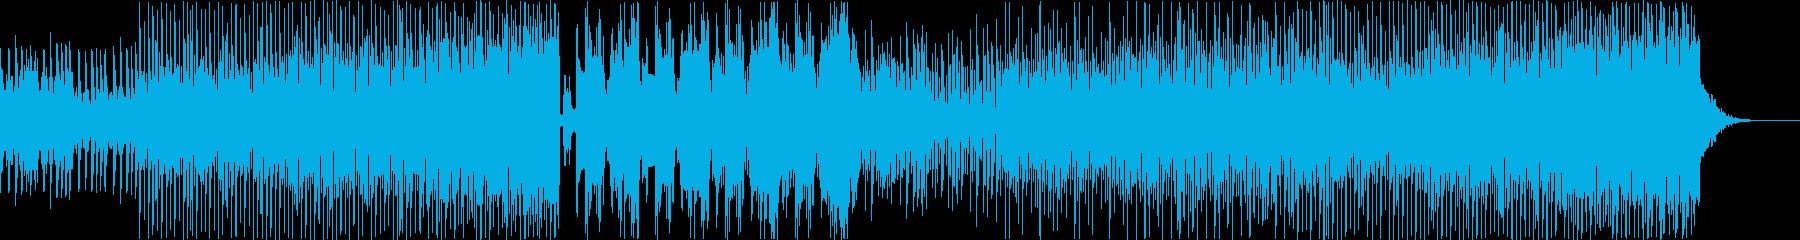 EDM Eゲーム バトル 激闘 イベントの再生済みの波形